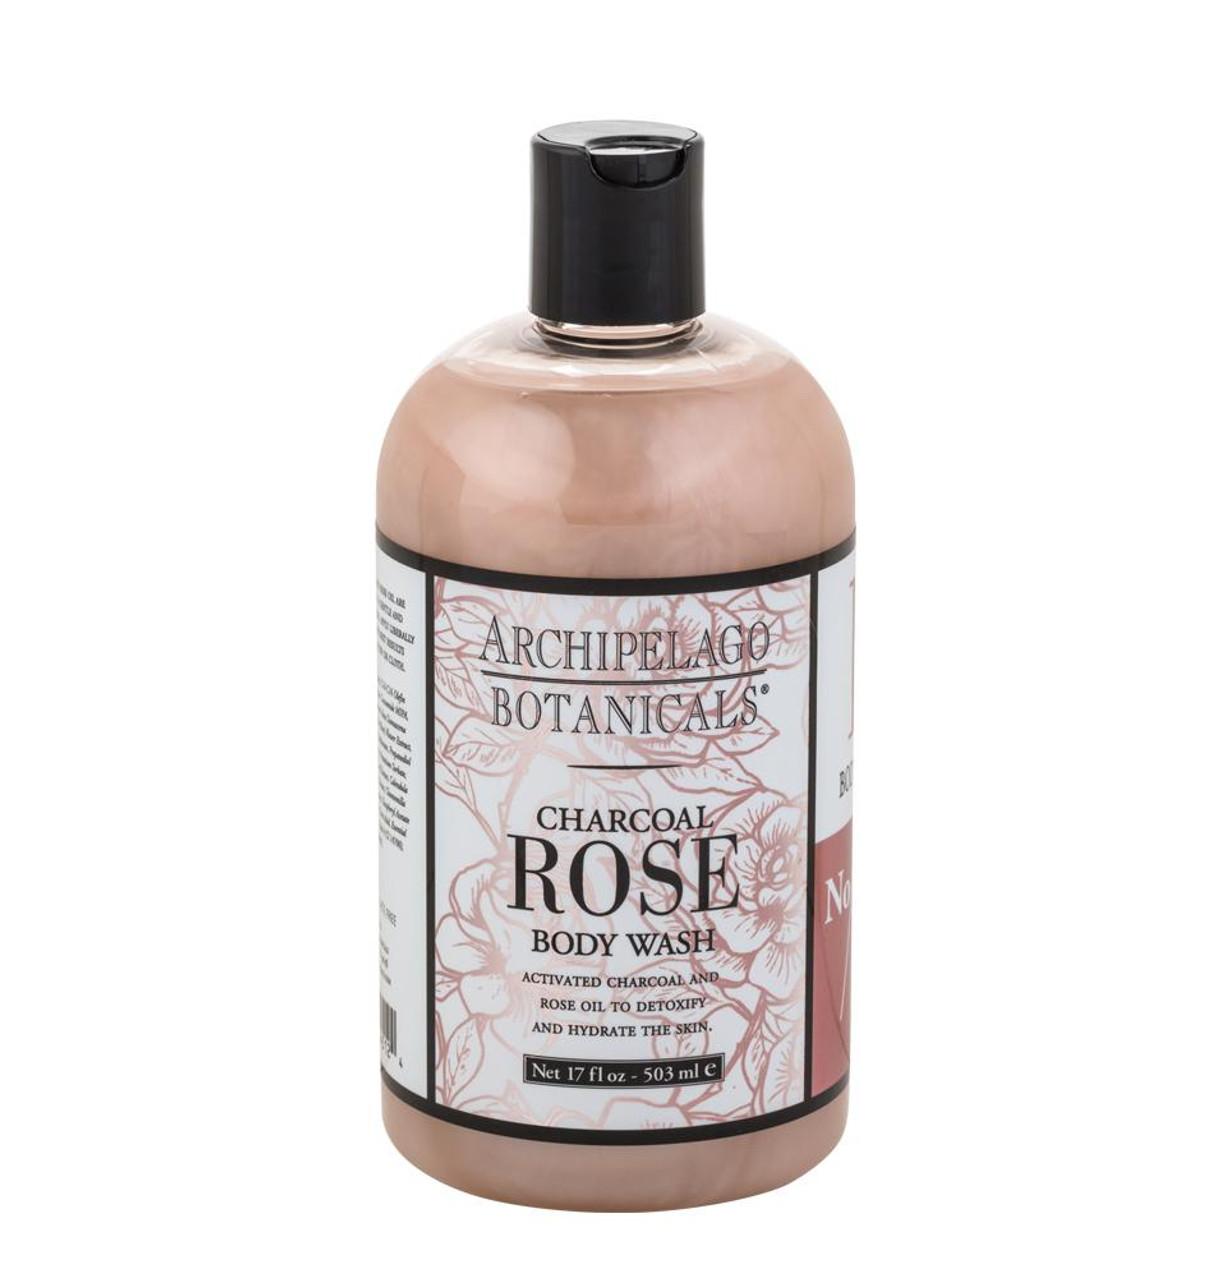 Archipelago Charcoal Rose Body Wash 17 oz